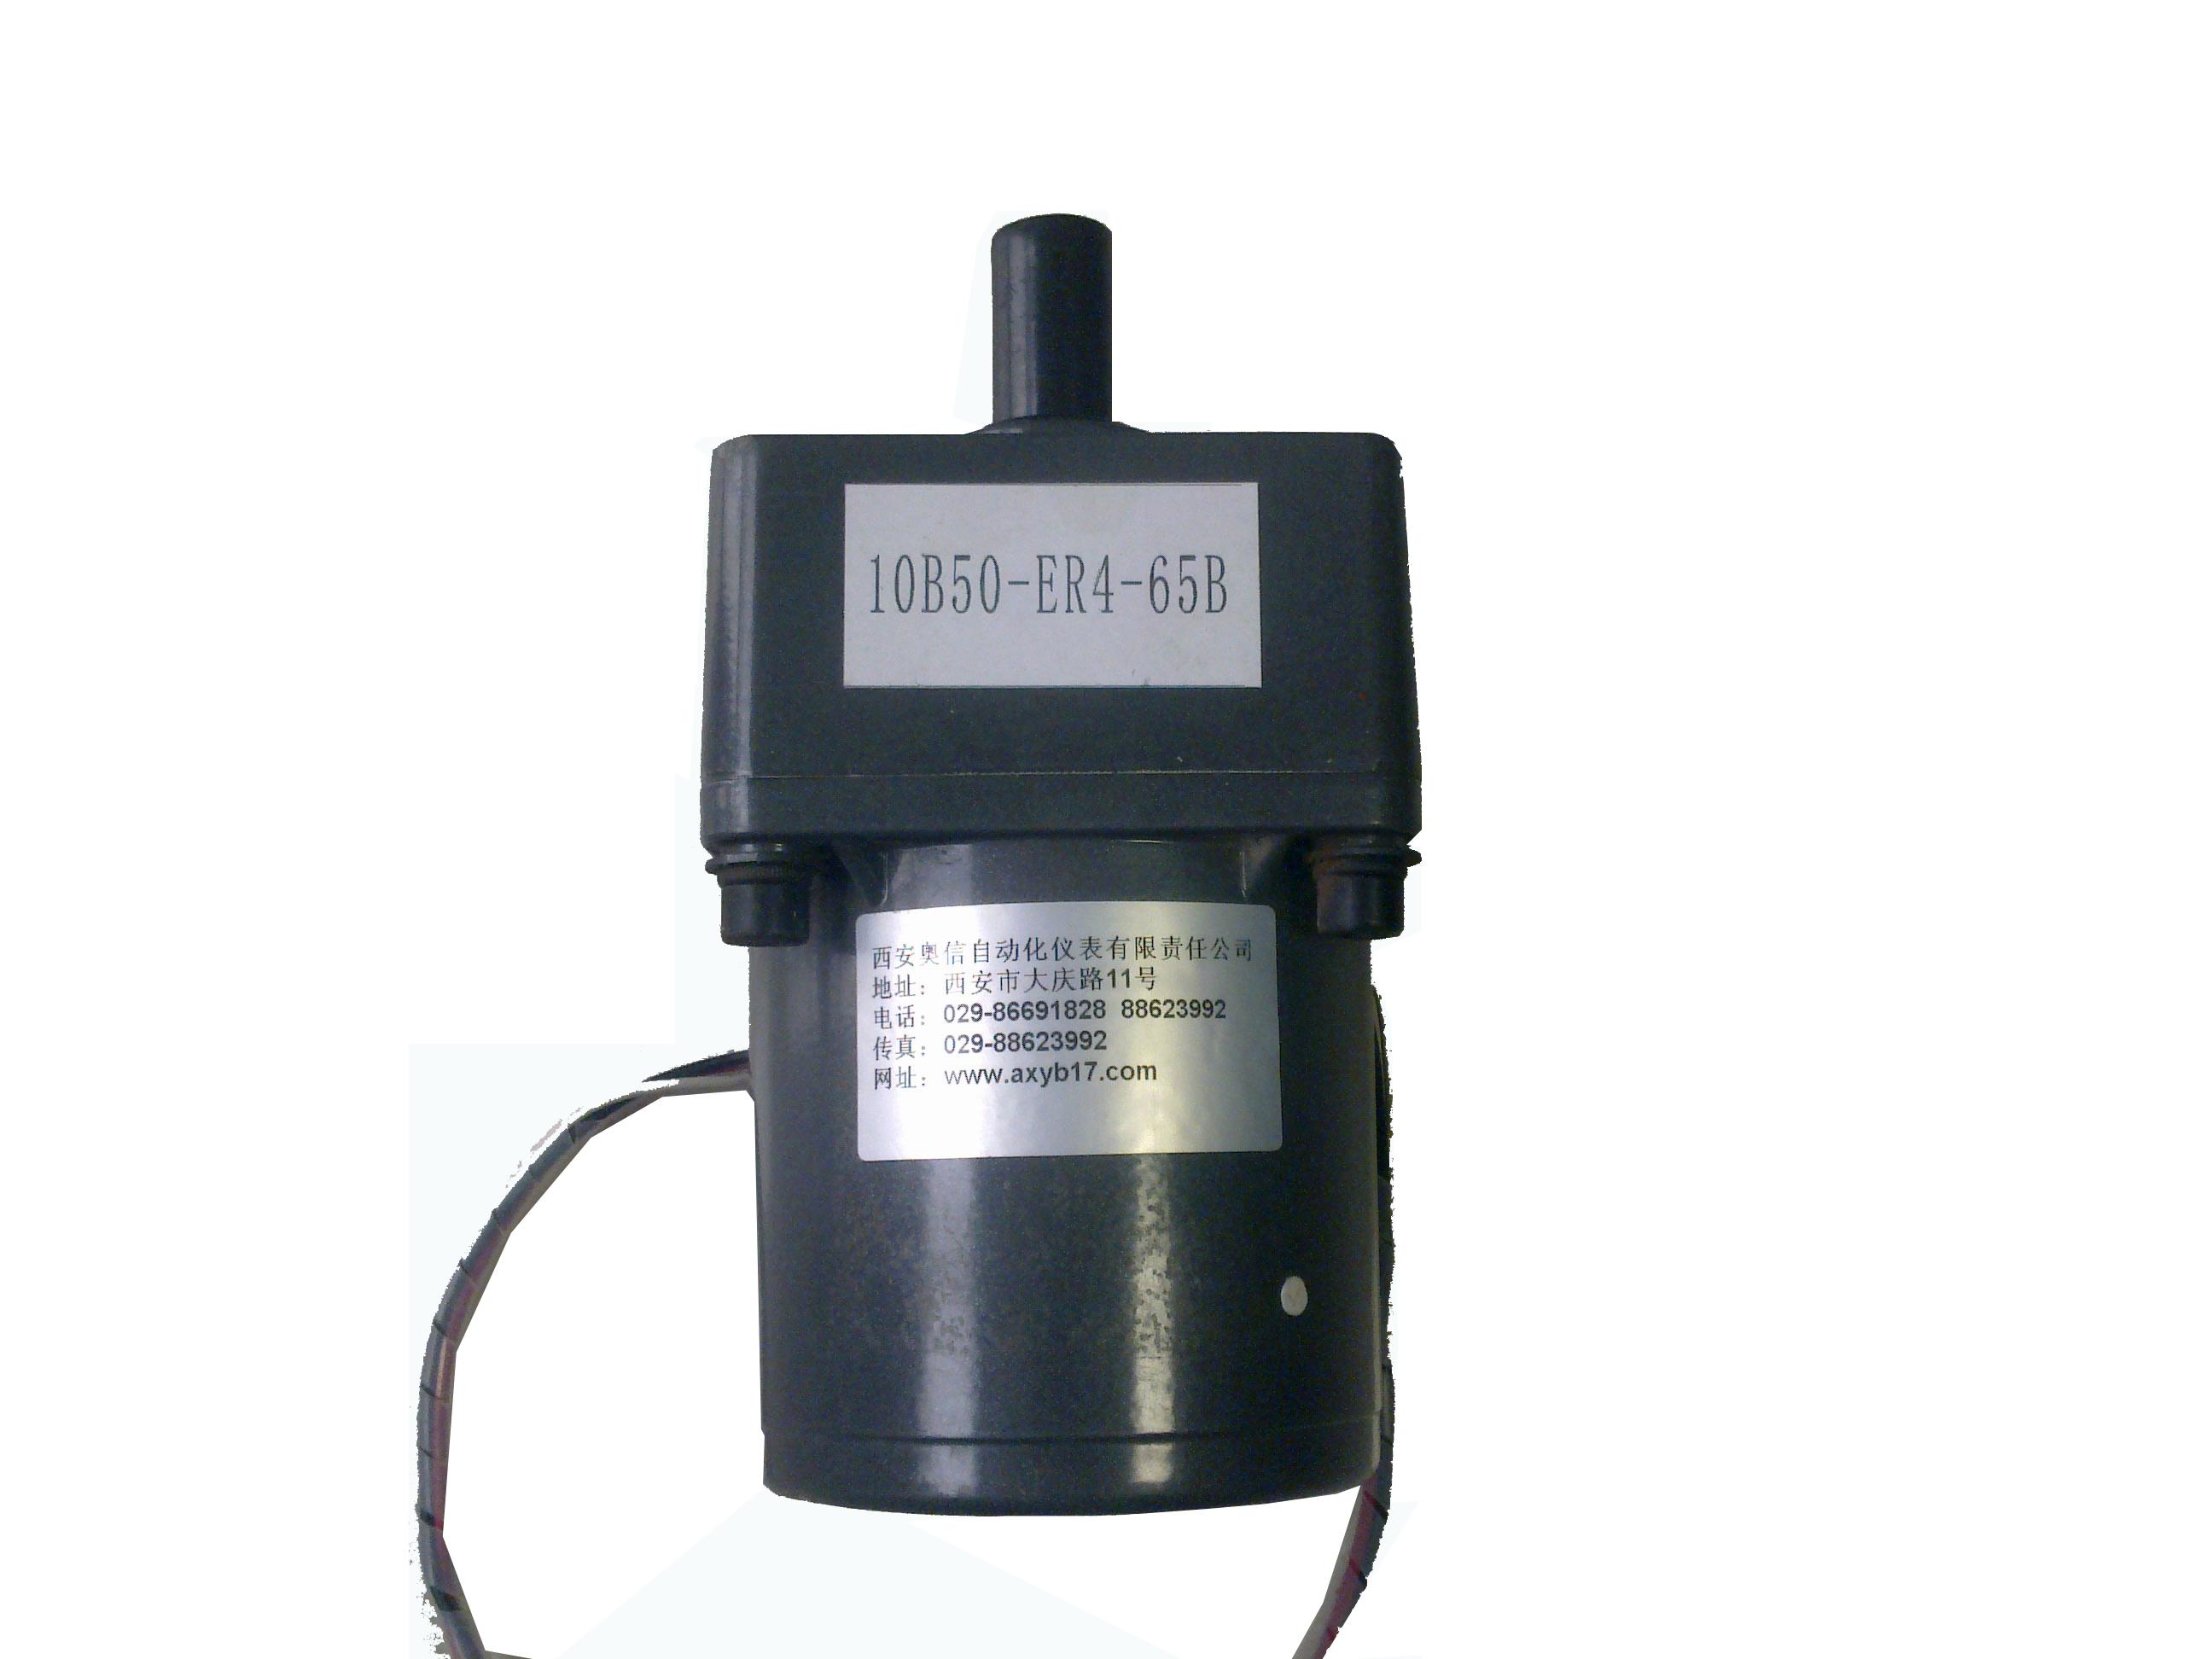 电动执行器电机10B50-ER4-65B 执行器电机10B50-ER4-65B